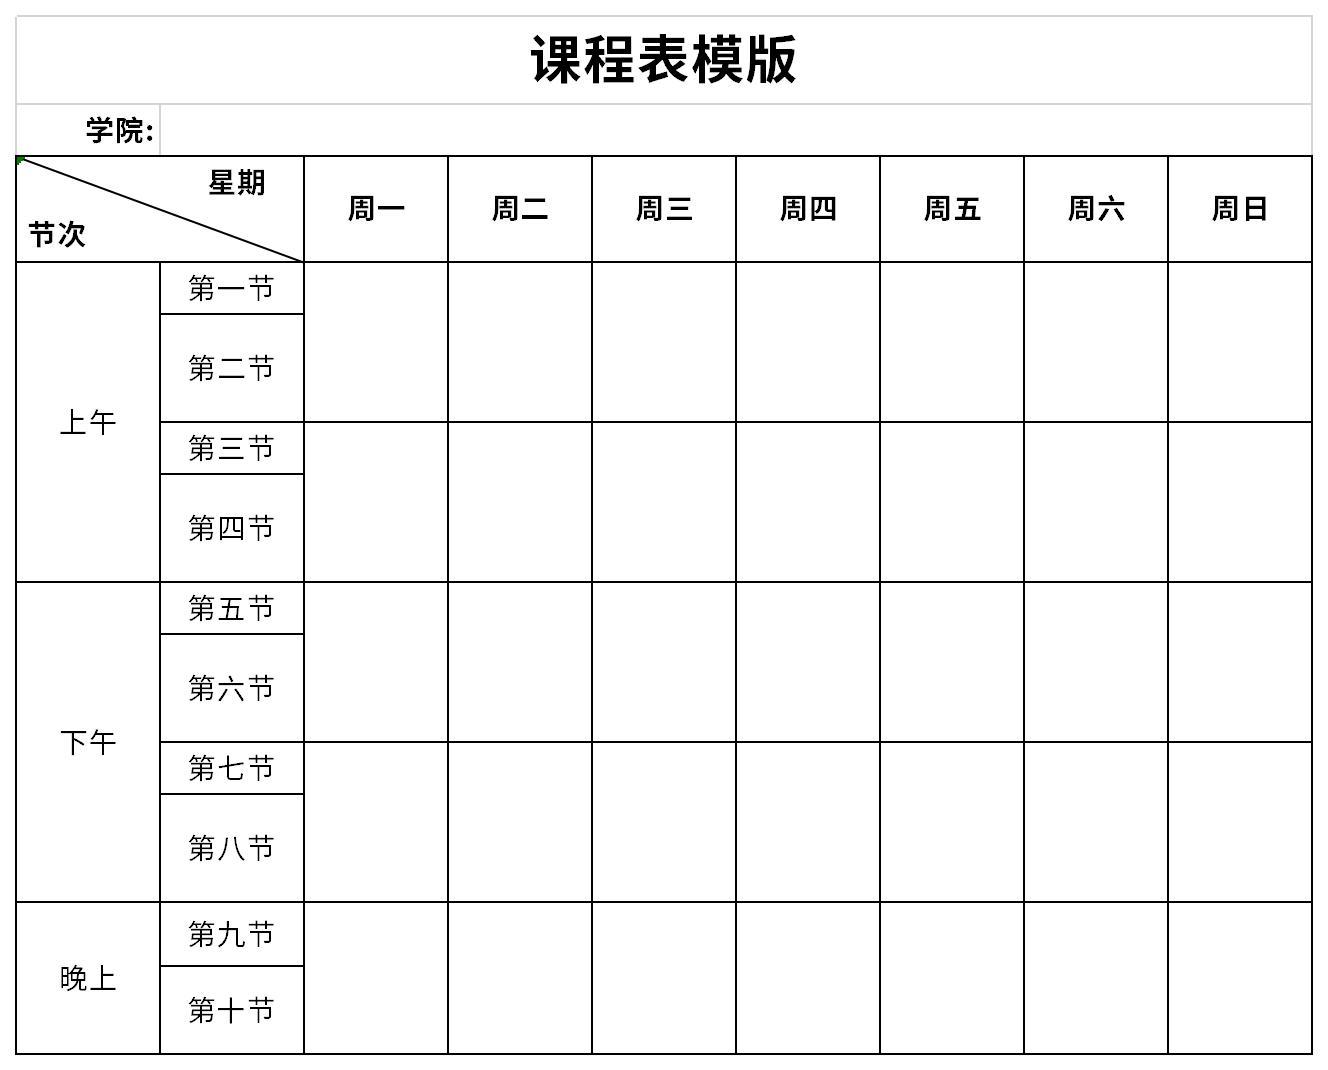 空白课程表截图